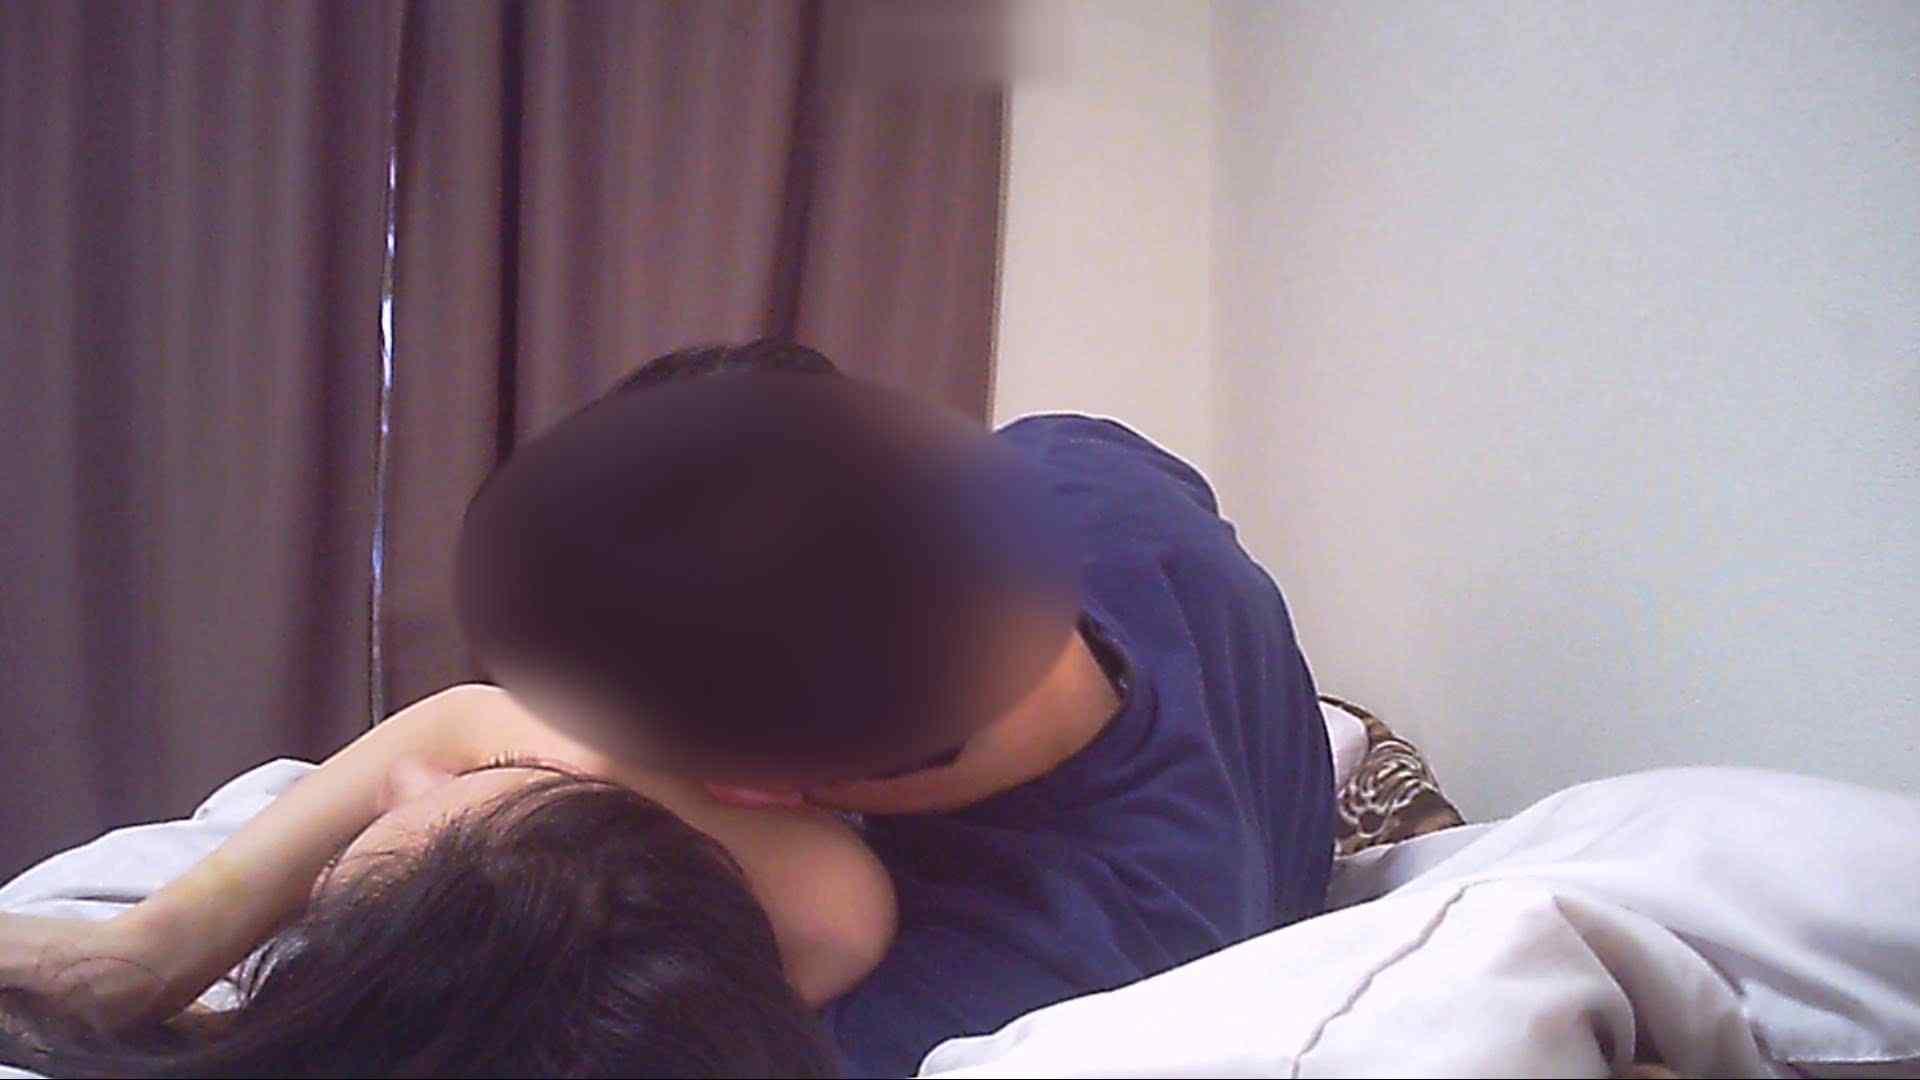 清楚な顔してかなり敏感なE子25歳(仮名)Vol.01 フェラ動画 えろ無修正画像 93画像 47